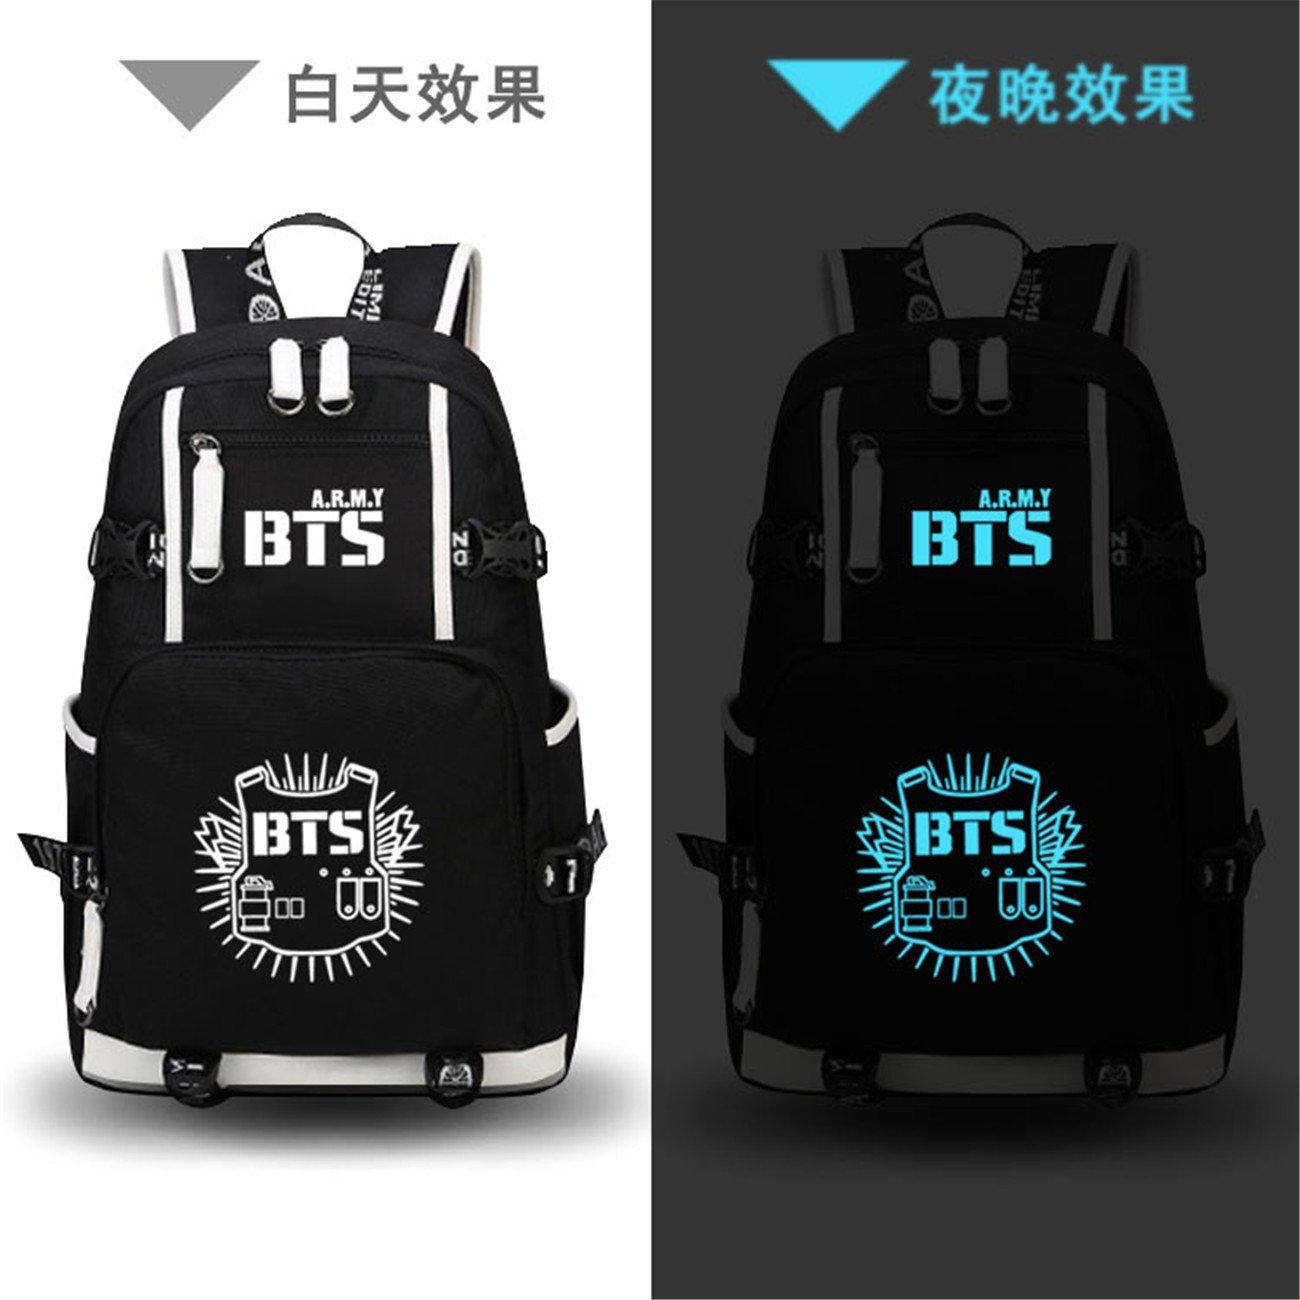 JUSTGOGO Luminous Korean Casual Daypack Laptop Bag College Bag Book Bag School Bag Backpack (Black 1) by JUSTGOGO (Image #2)